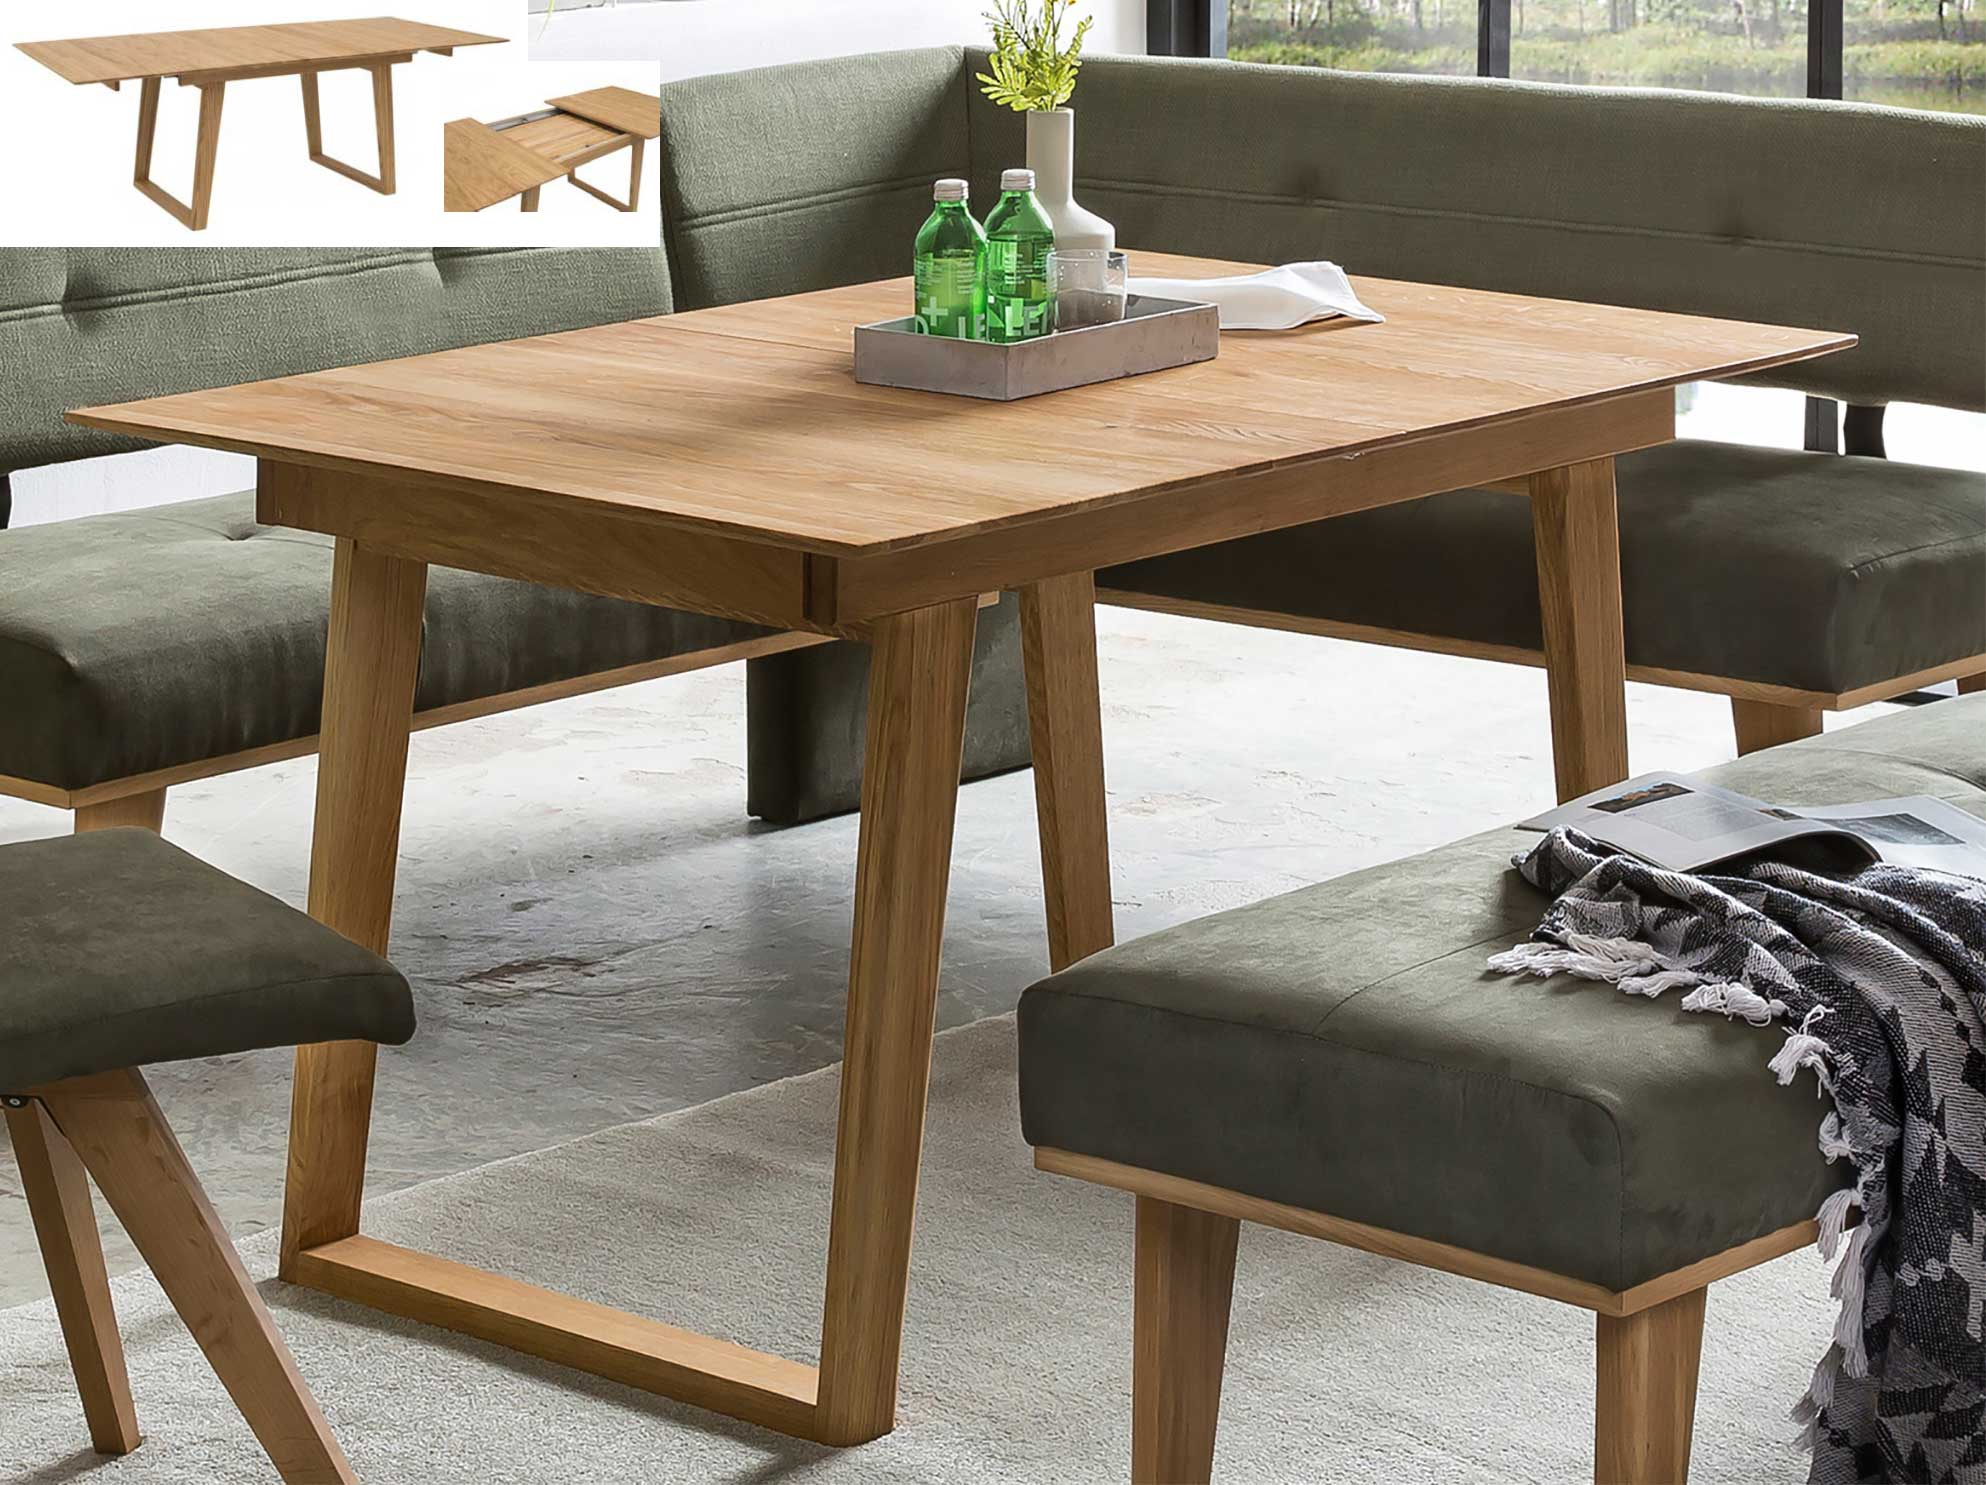 Standard Furniture Rouen Esstisch eiche natur